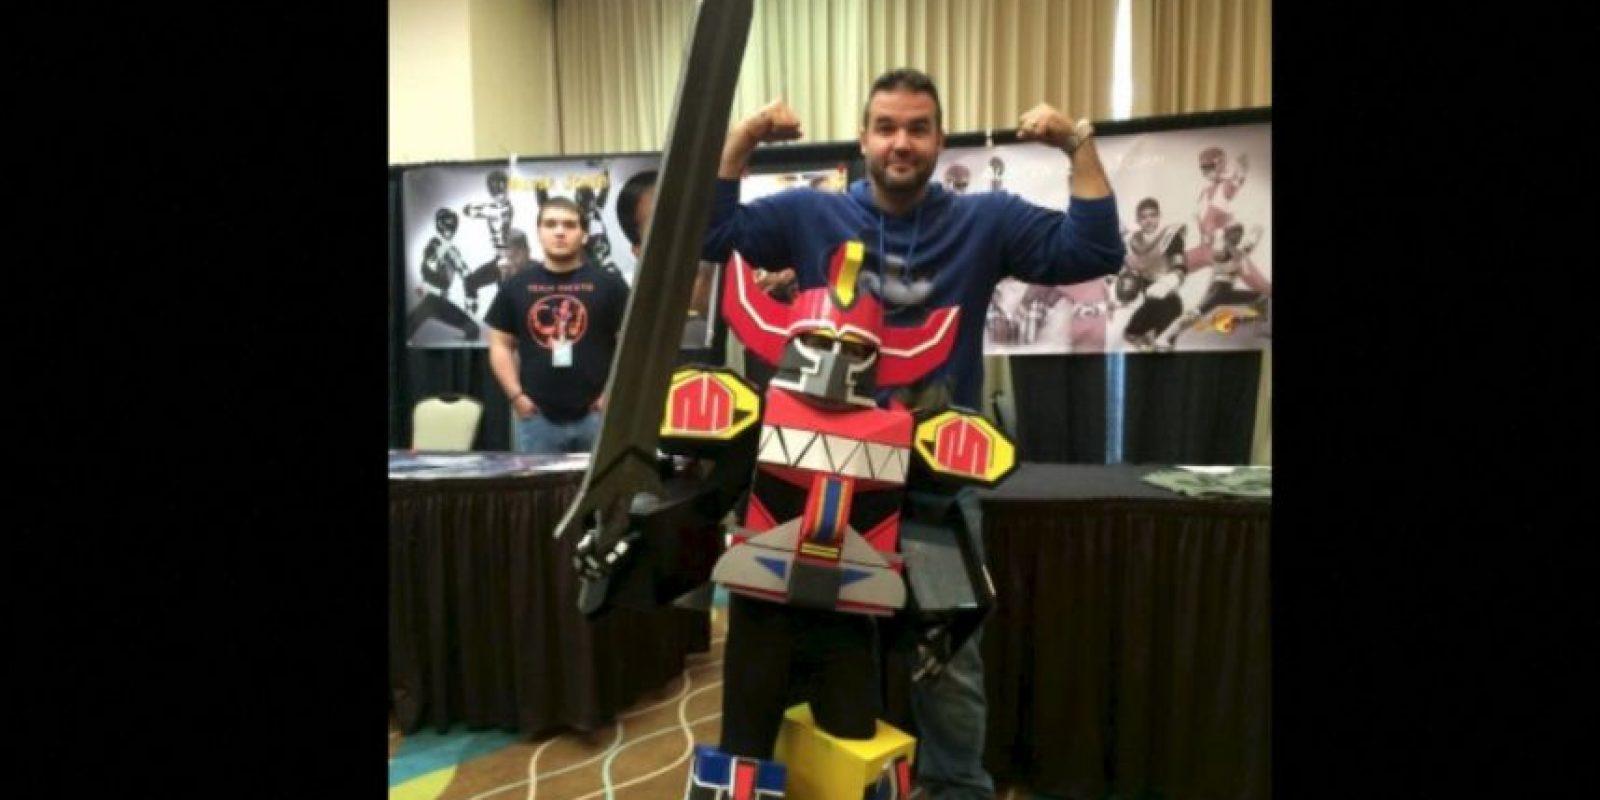 Hoy en día, el actor se dedica a vender mercancía del Power Ranger rojo y asiste a convenciones para convivir con los fans Foto:Facebook/Austin ST John